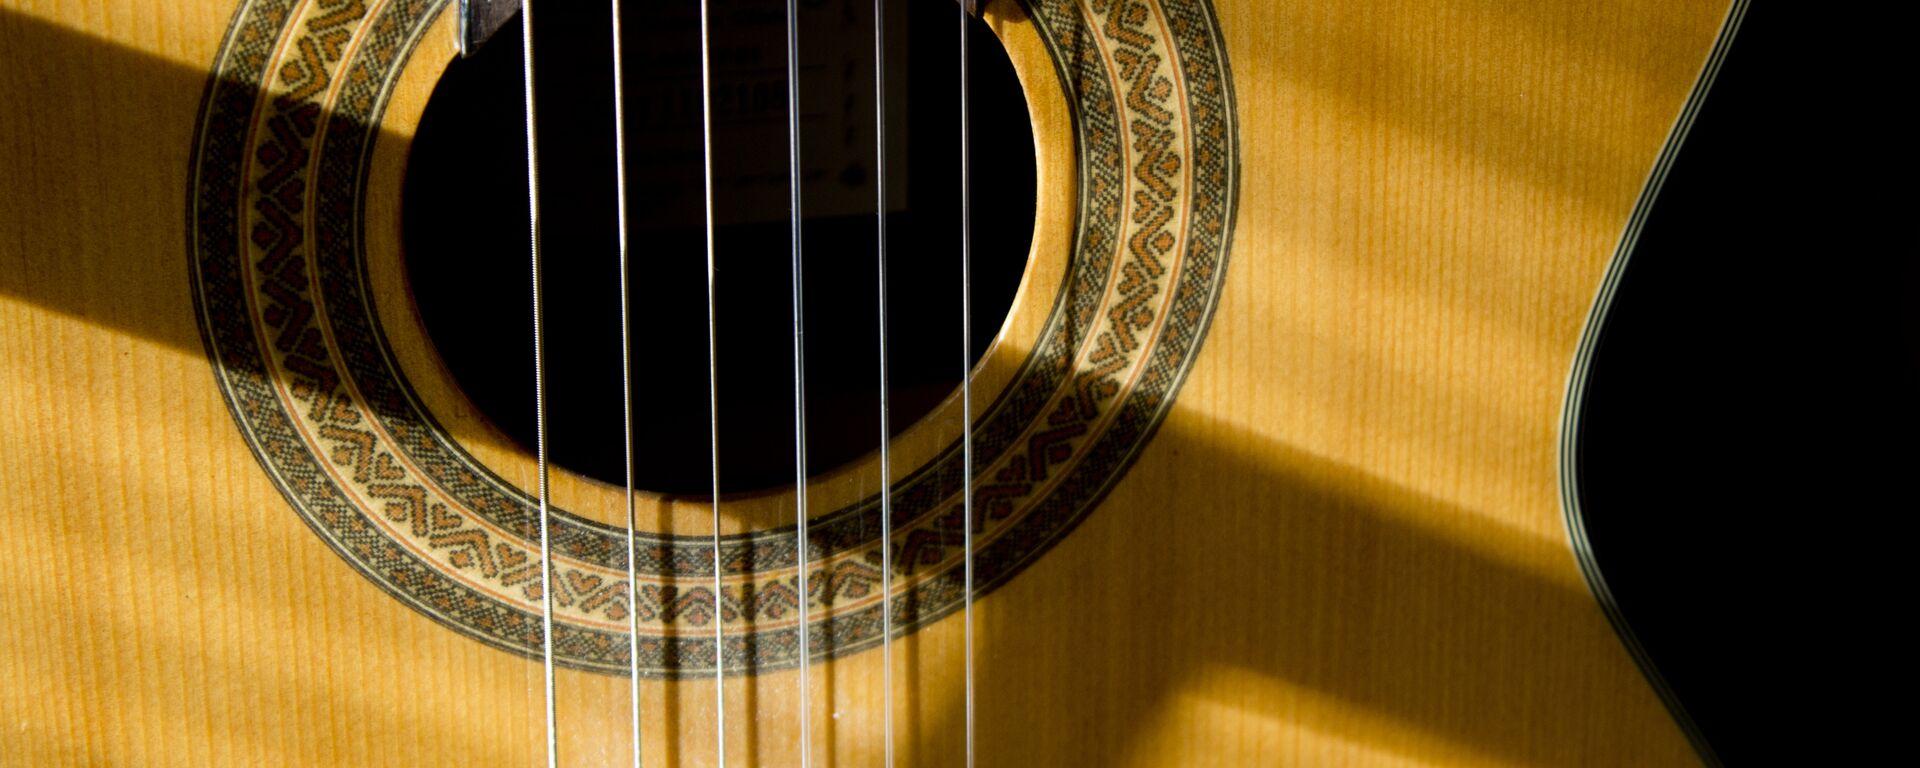 Una guitarra - Sputnik Mundo, 1920, 07.05.2021